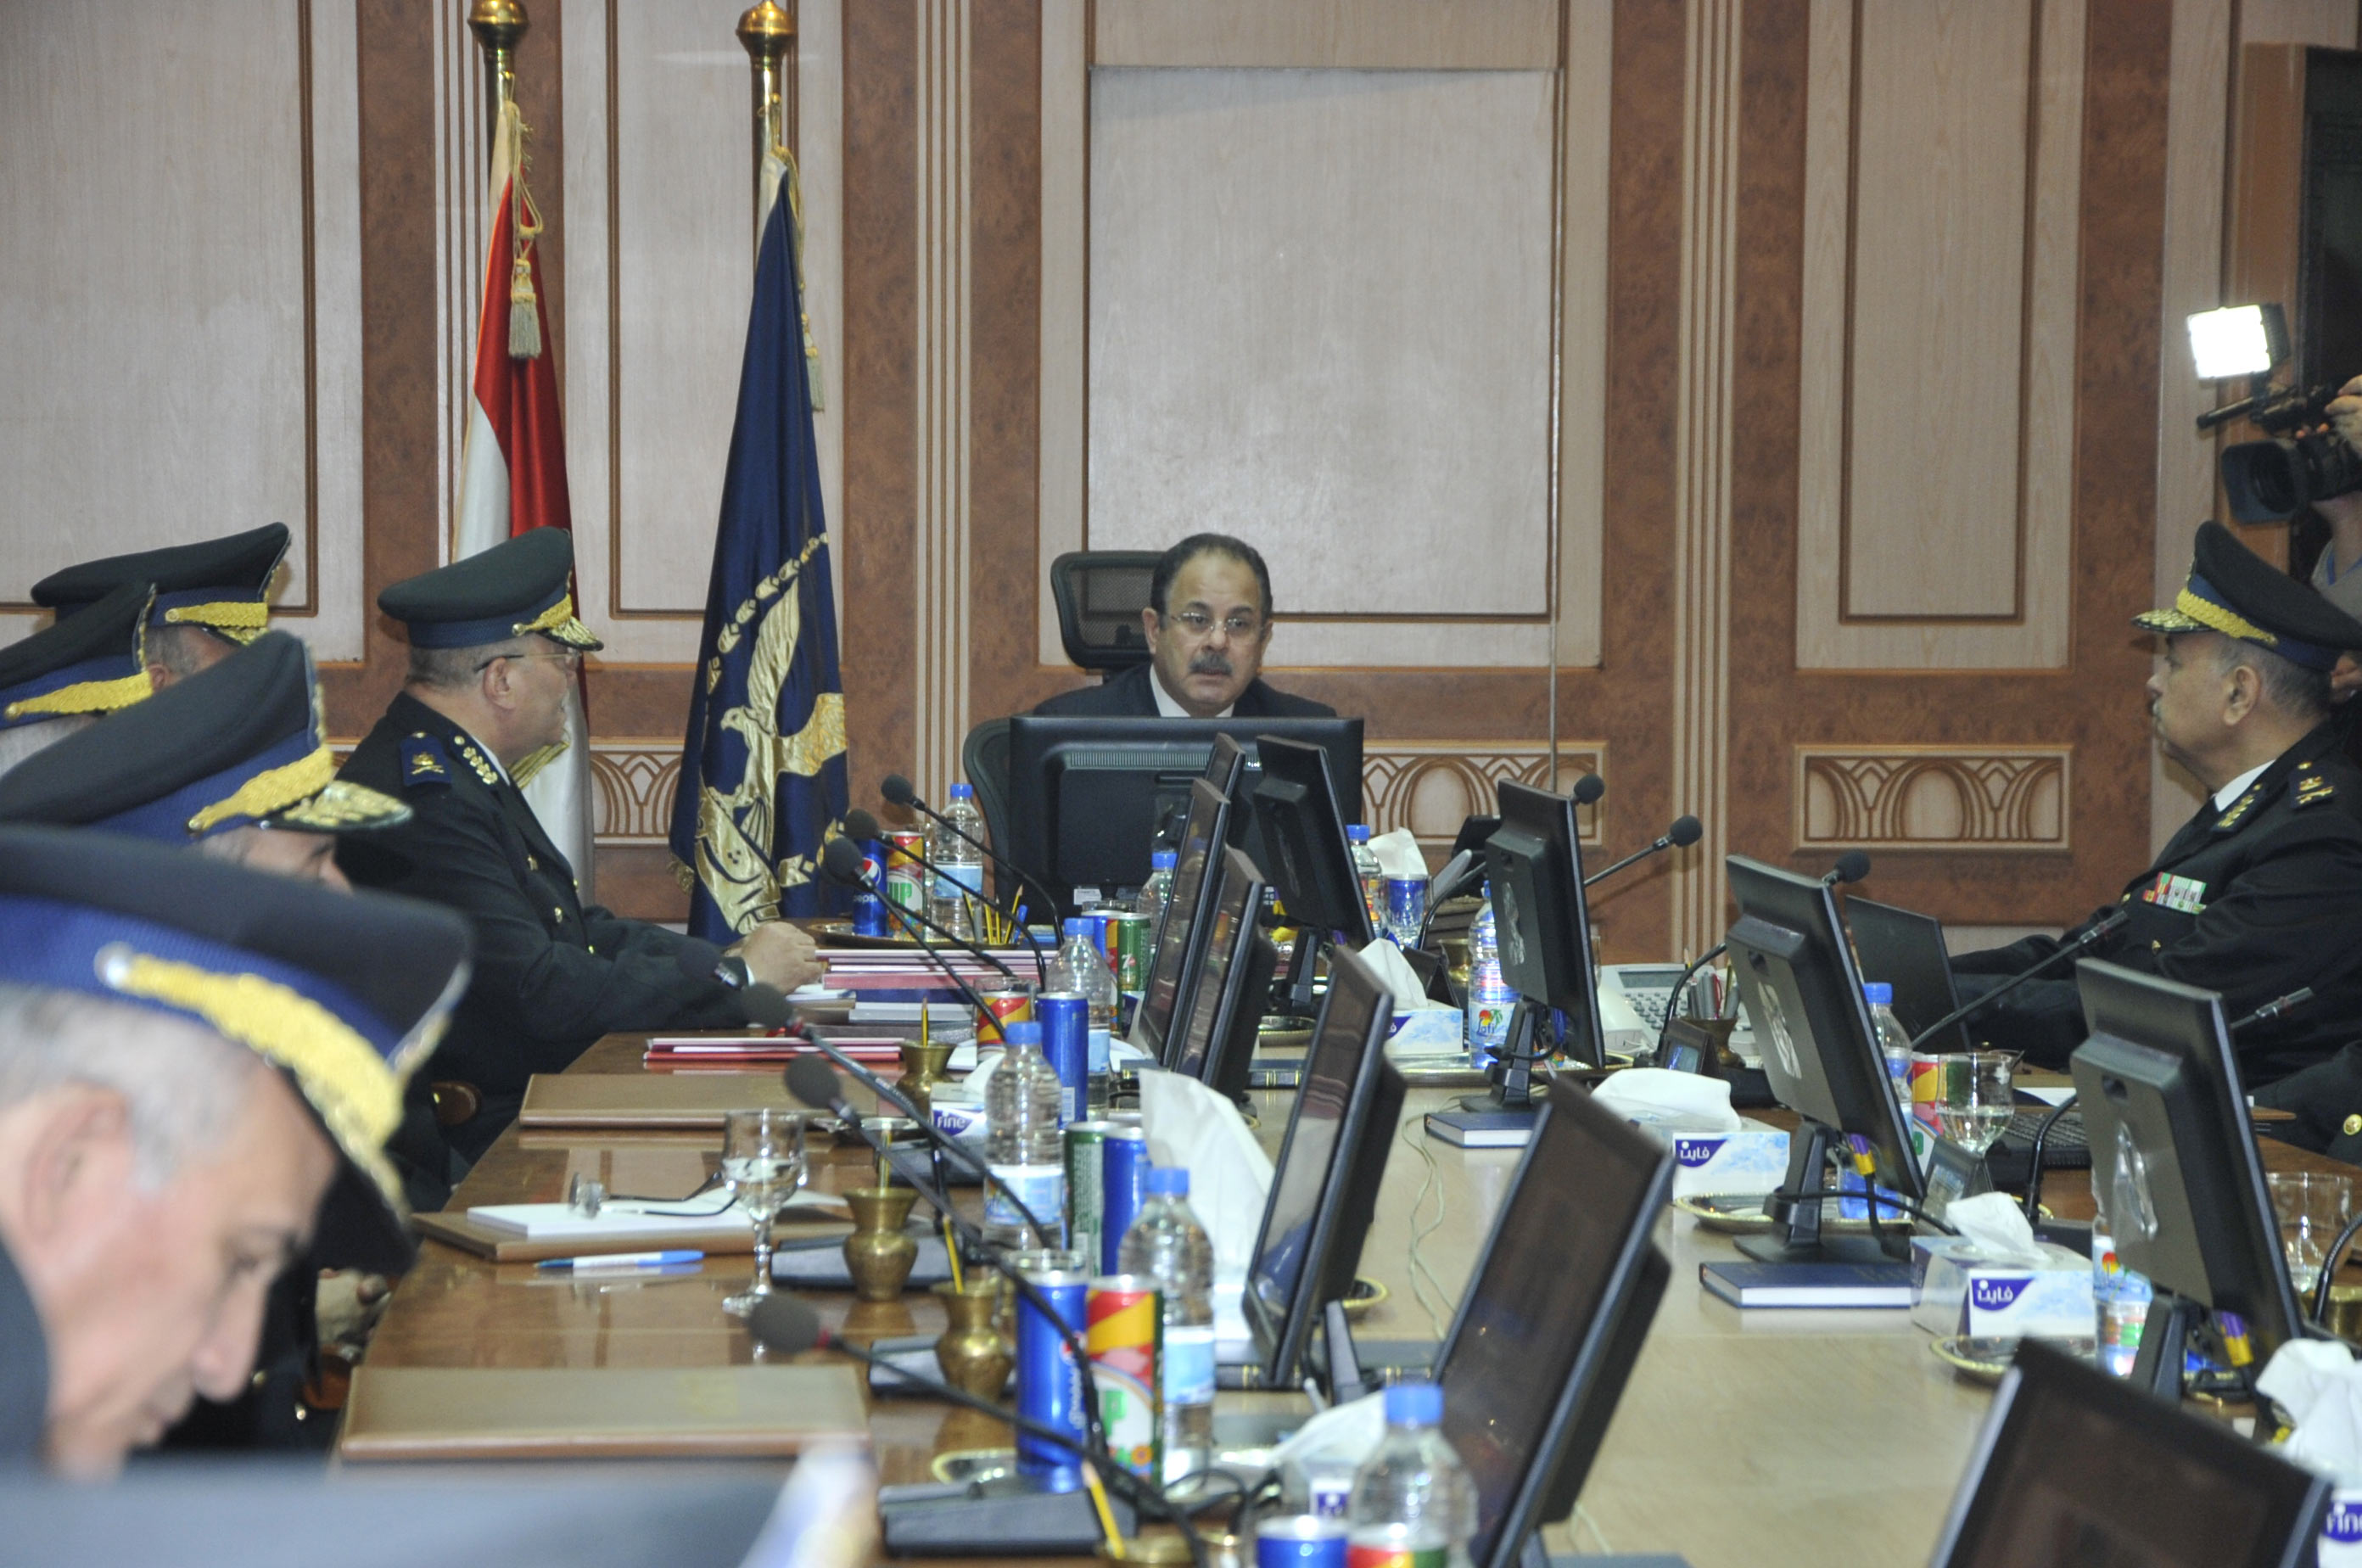 وزير الداخلية يحدد الخطوط الرئيسية لإجراءات تحقيق الانضباط الداخلي